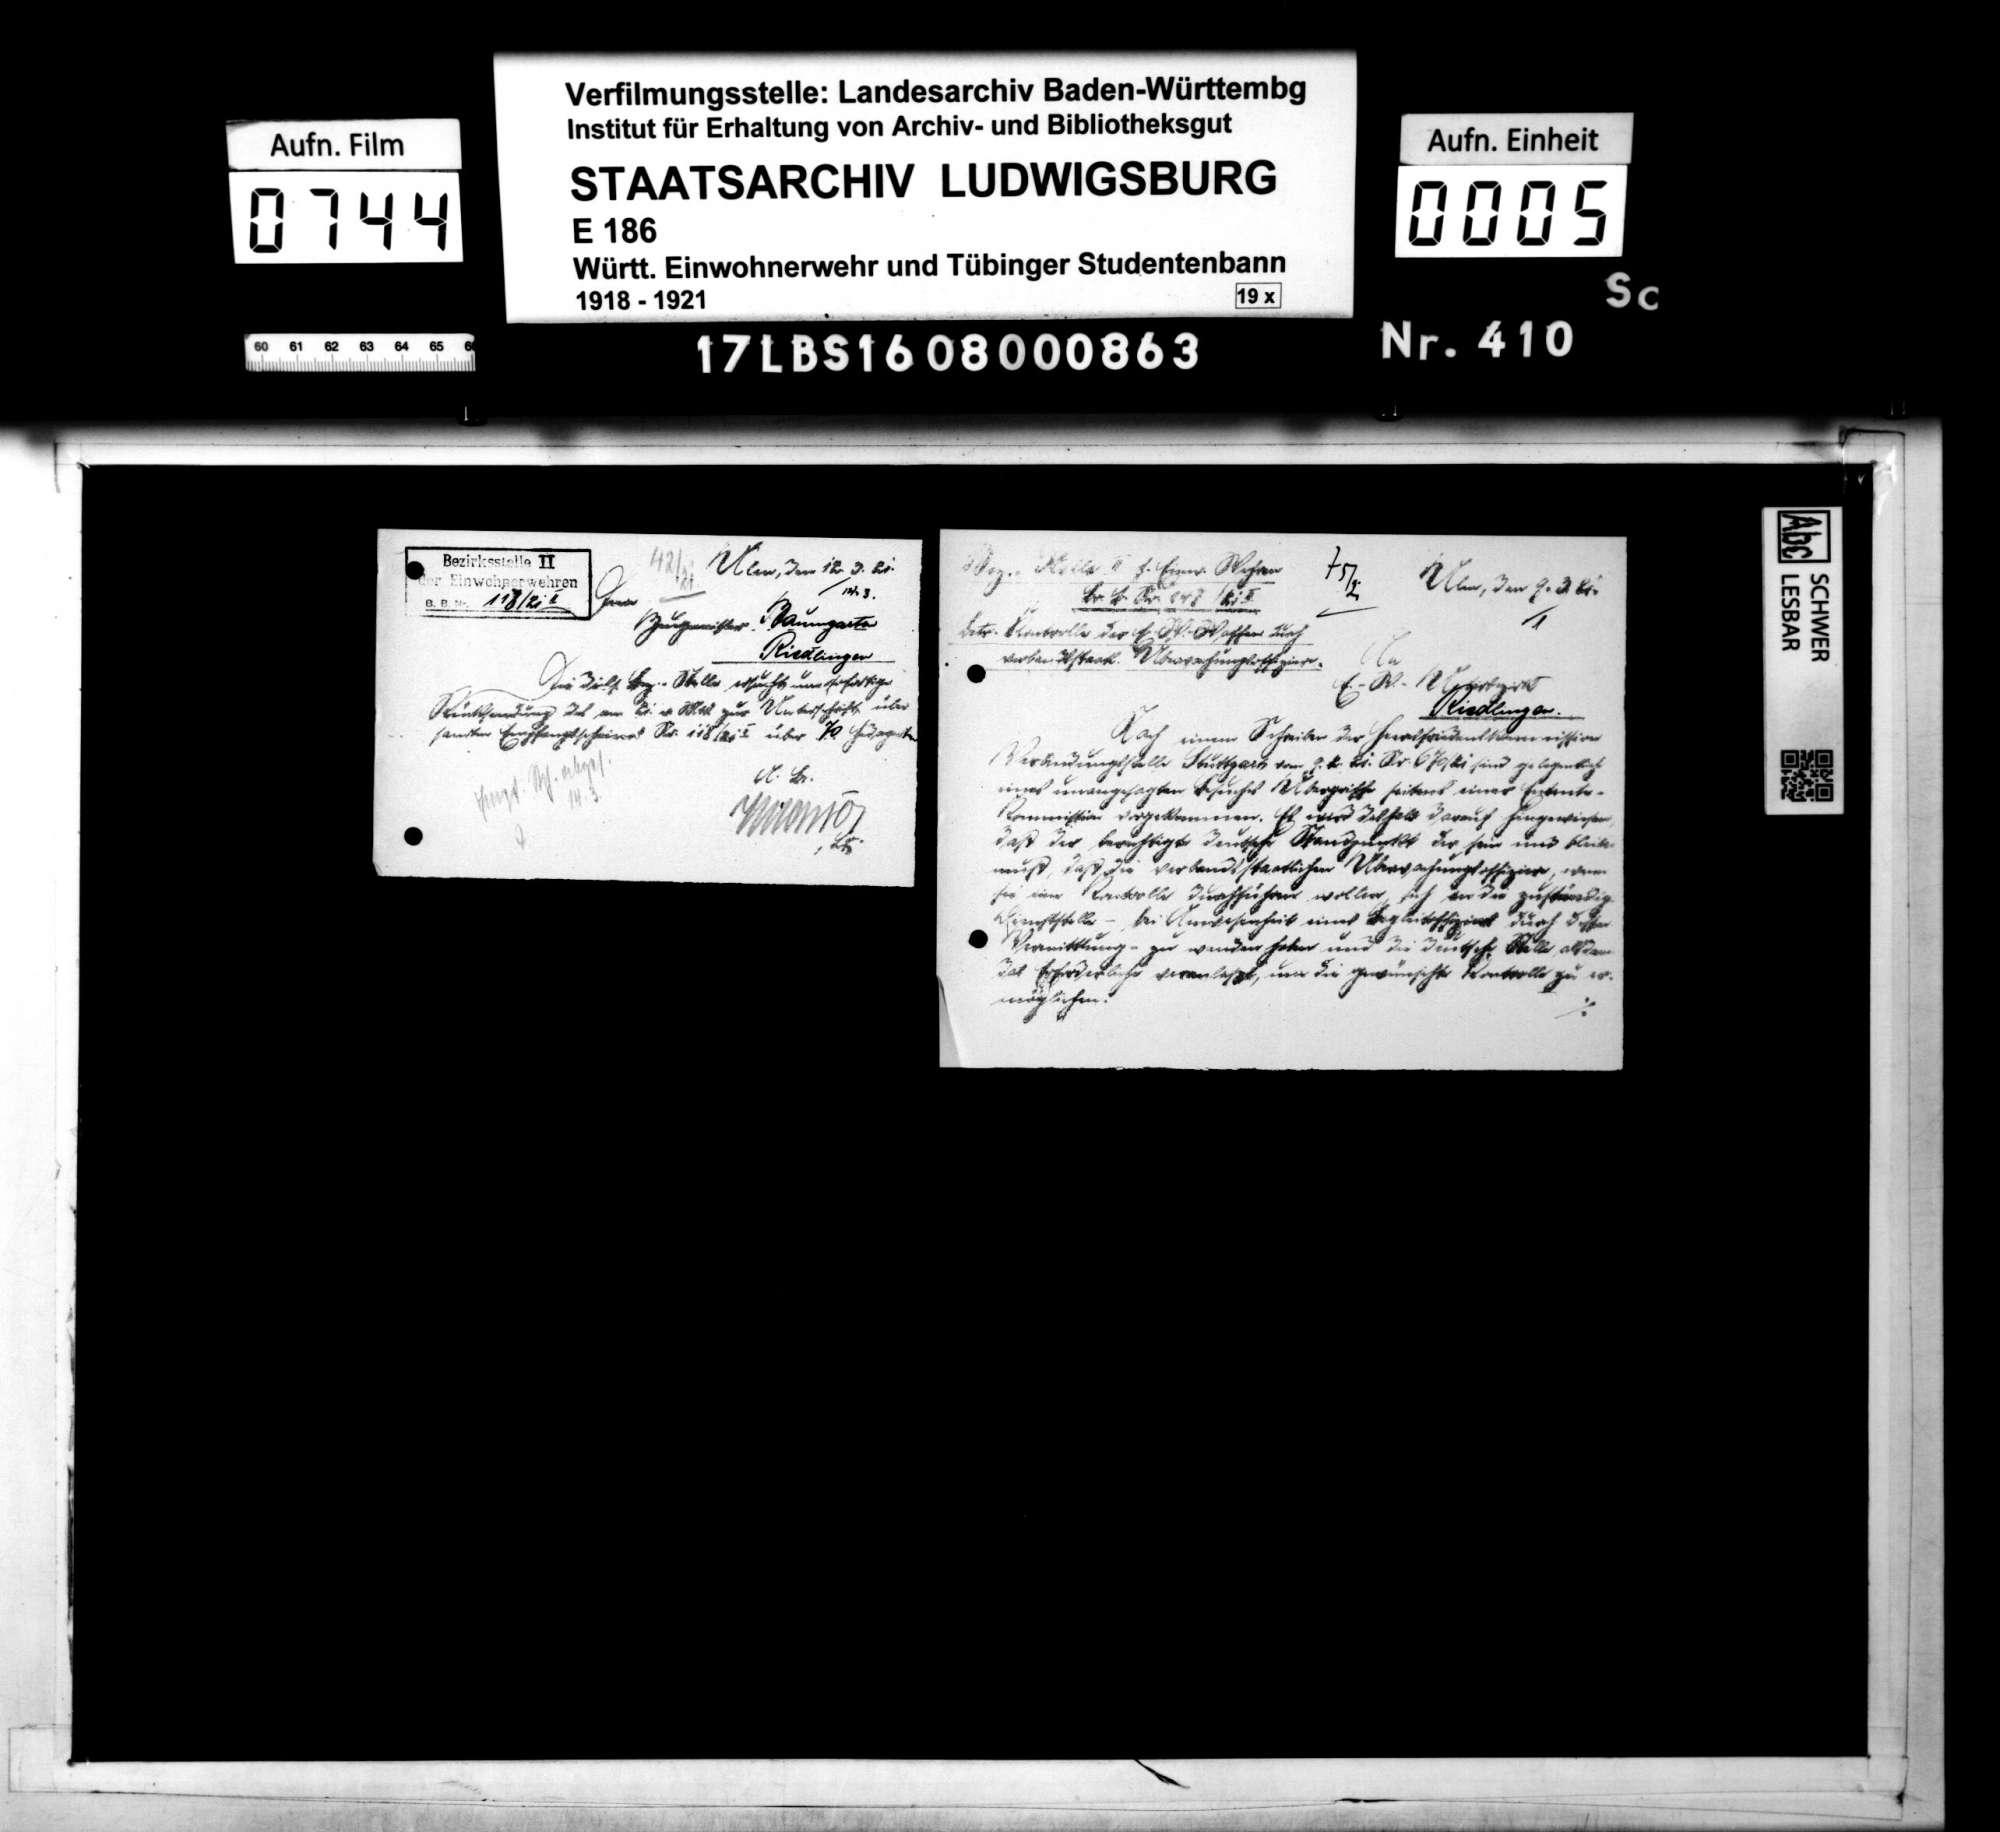 Mitteilungen der Bezirksstelle 2 Ulm und des Kassenamts, Bild 3